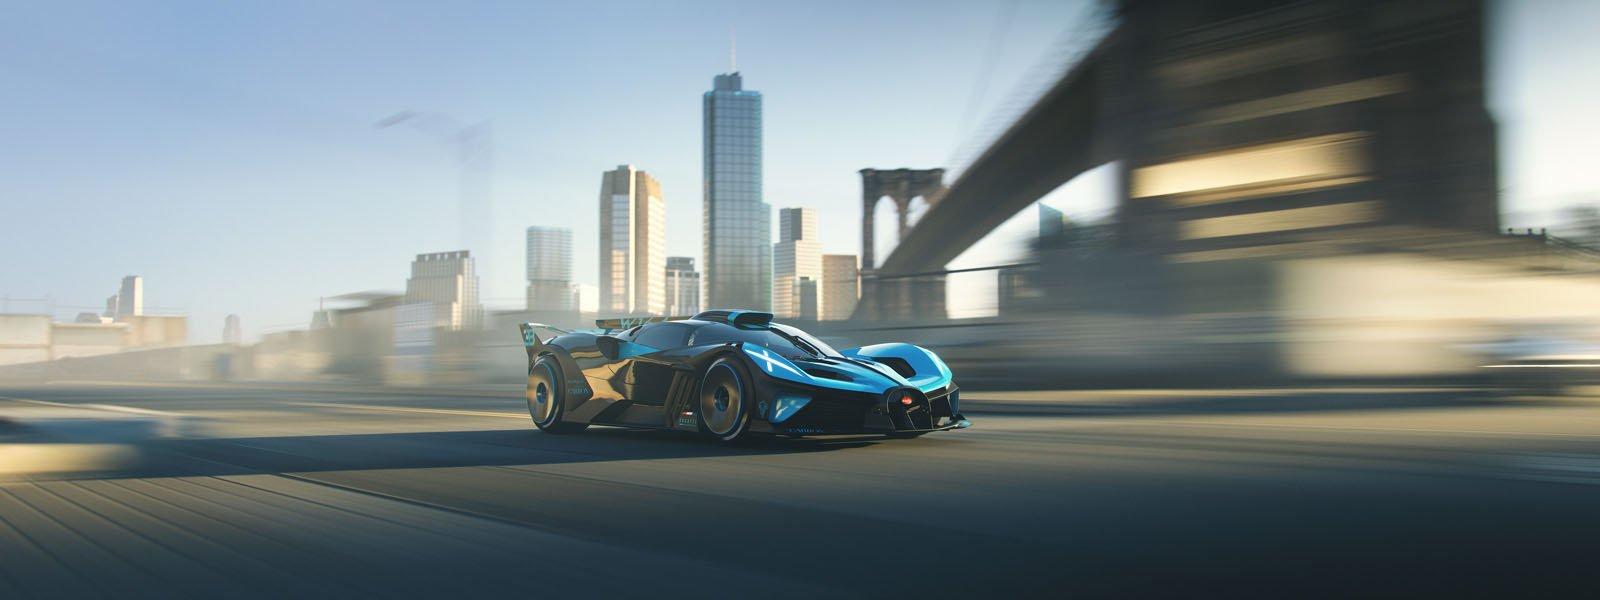 Bugatti Virtual Tour